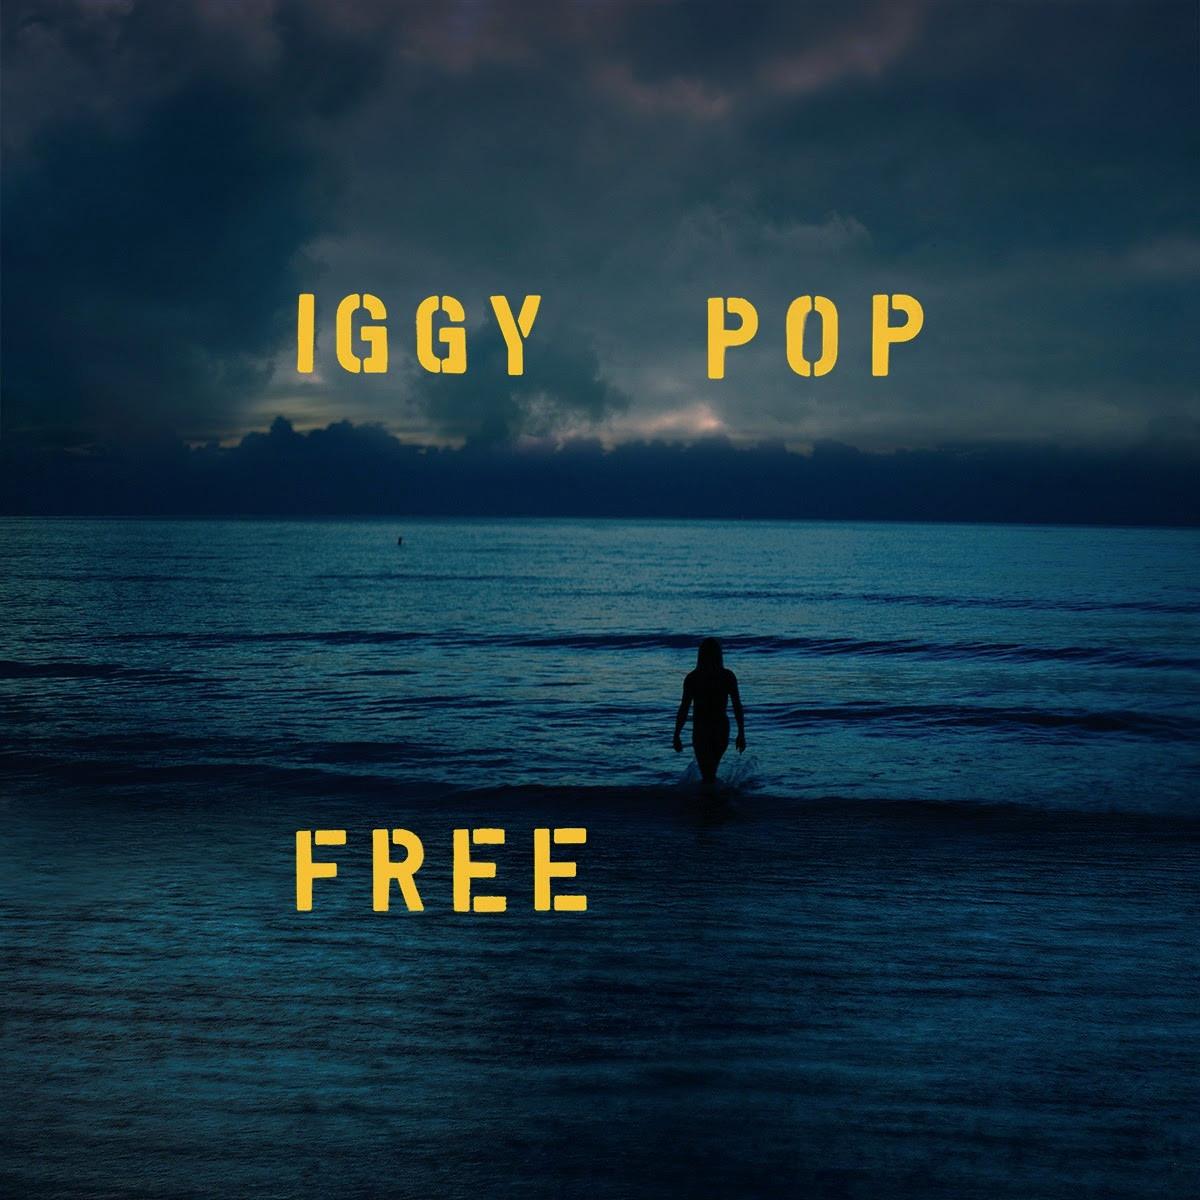 iggy-pop-free.jpg